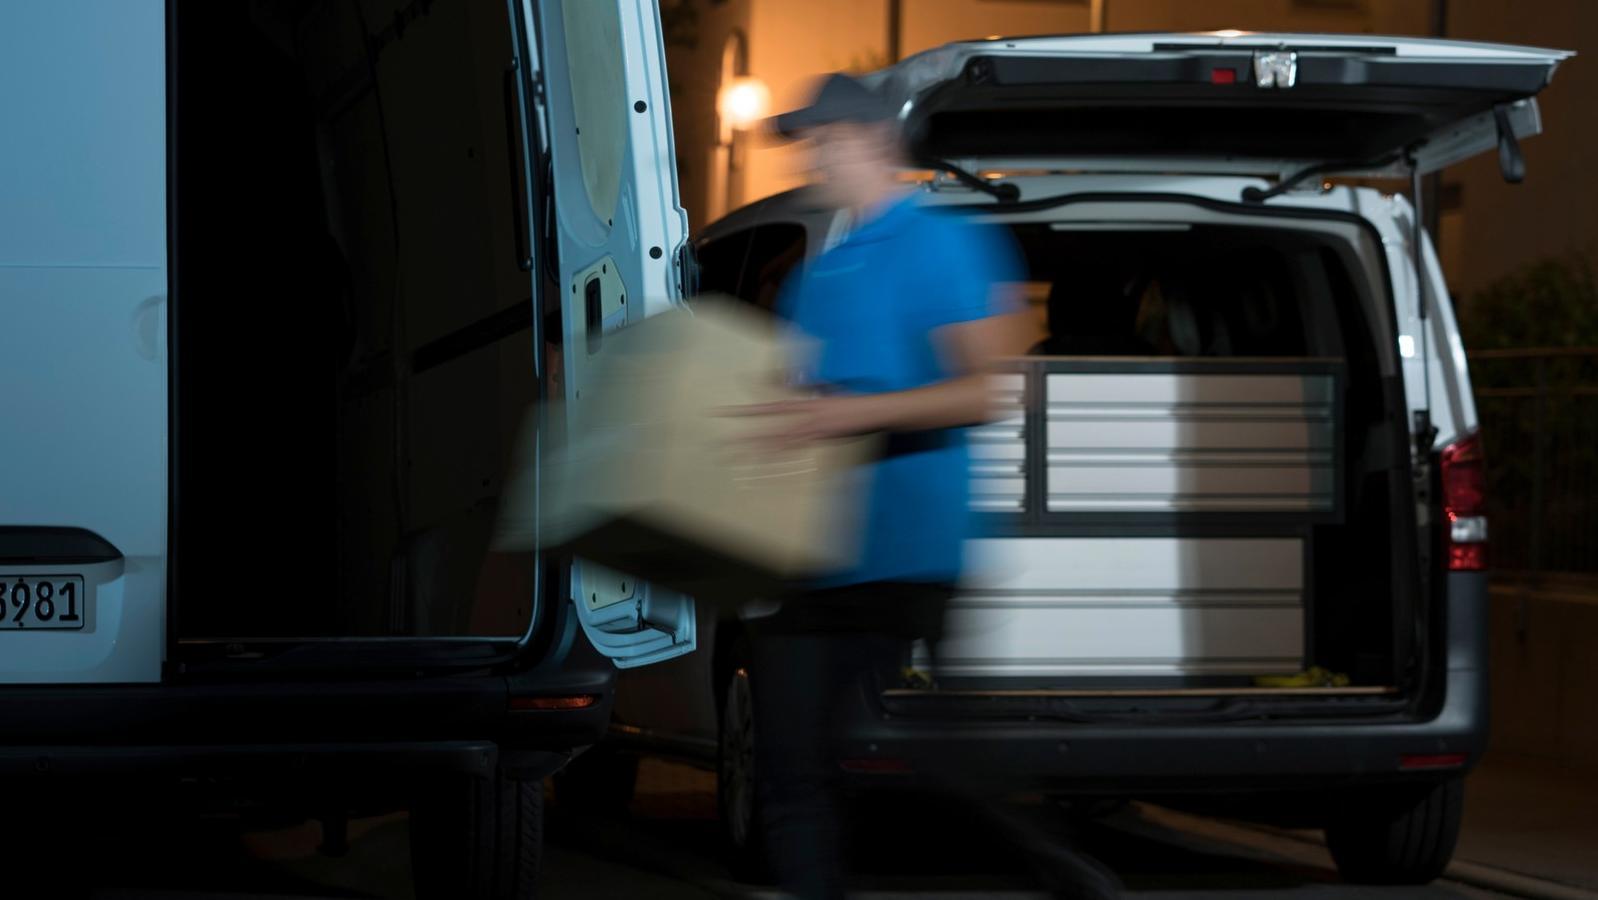 Mit digitalen App-Diensten könnten Material-Lieferungen direkt ins Service-Fahrzeug erfolgen.